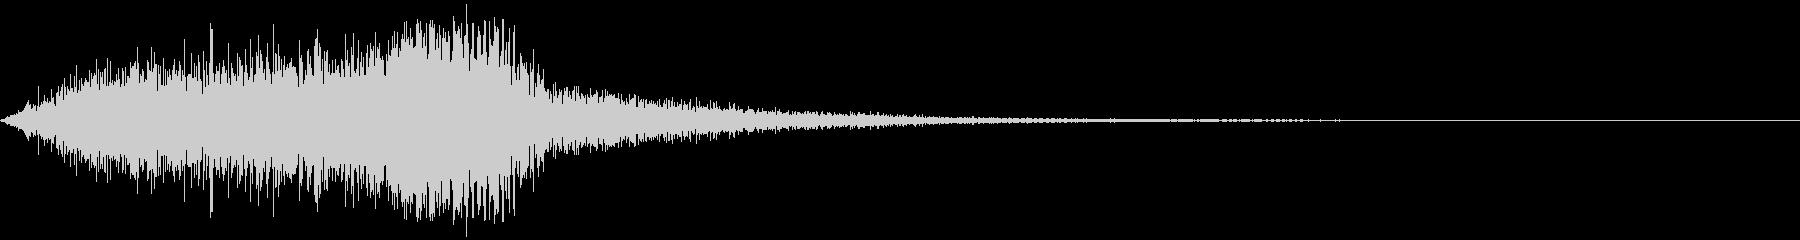 【ダーク・ホラー】アトモスフィア_17の未再生の波形